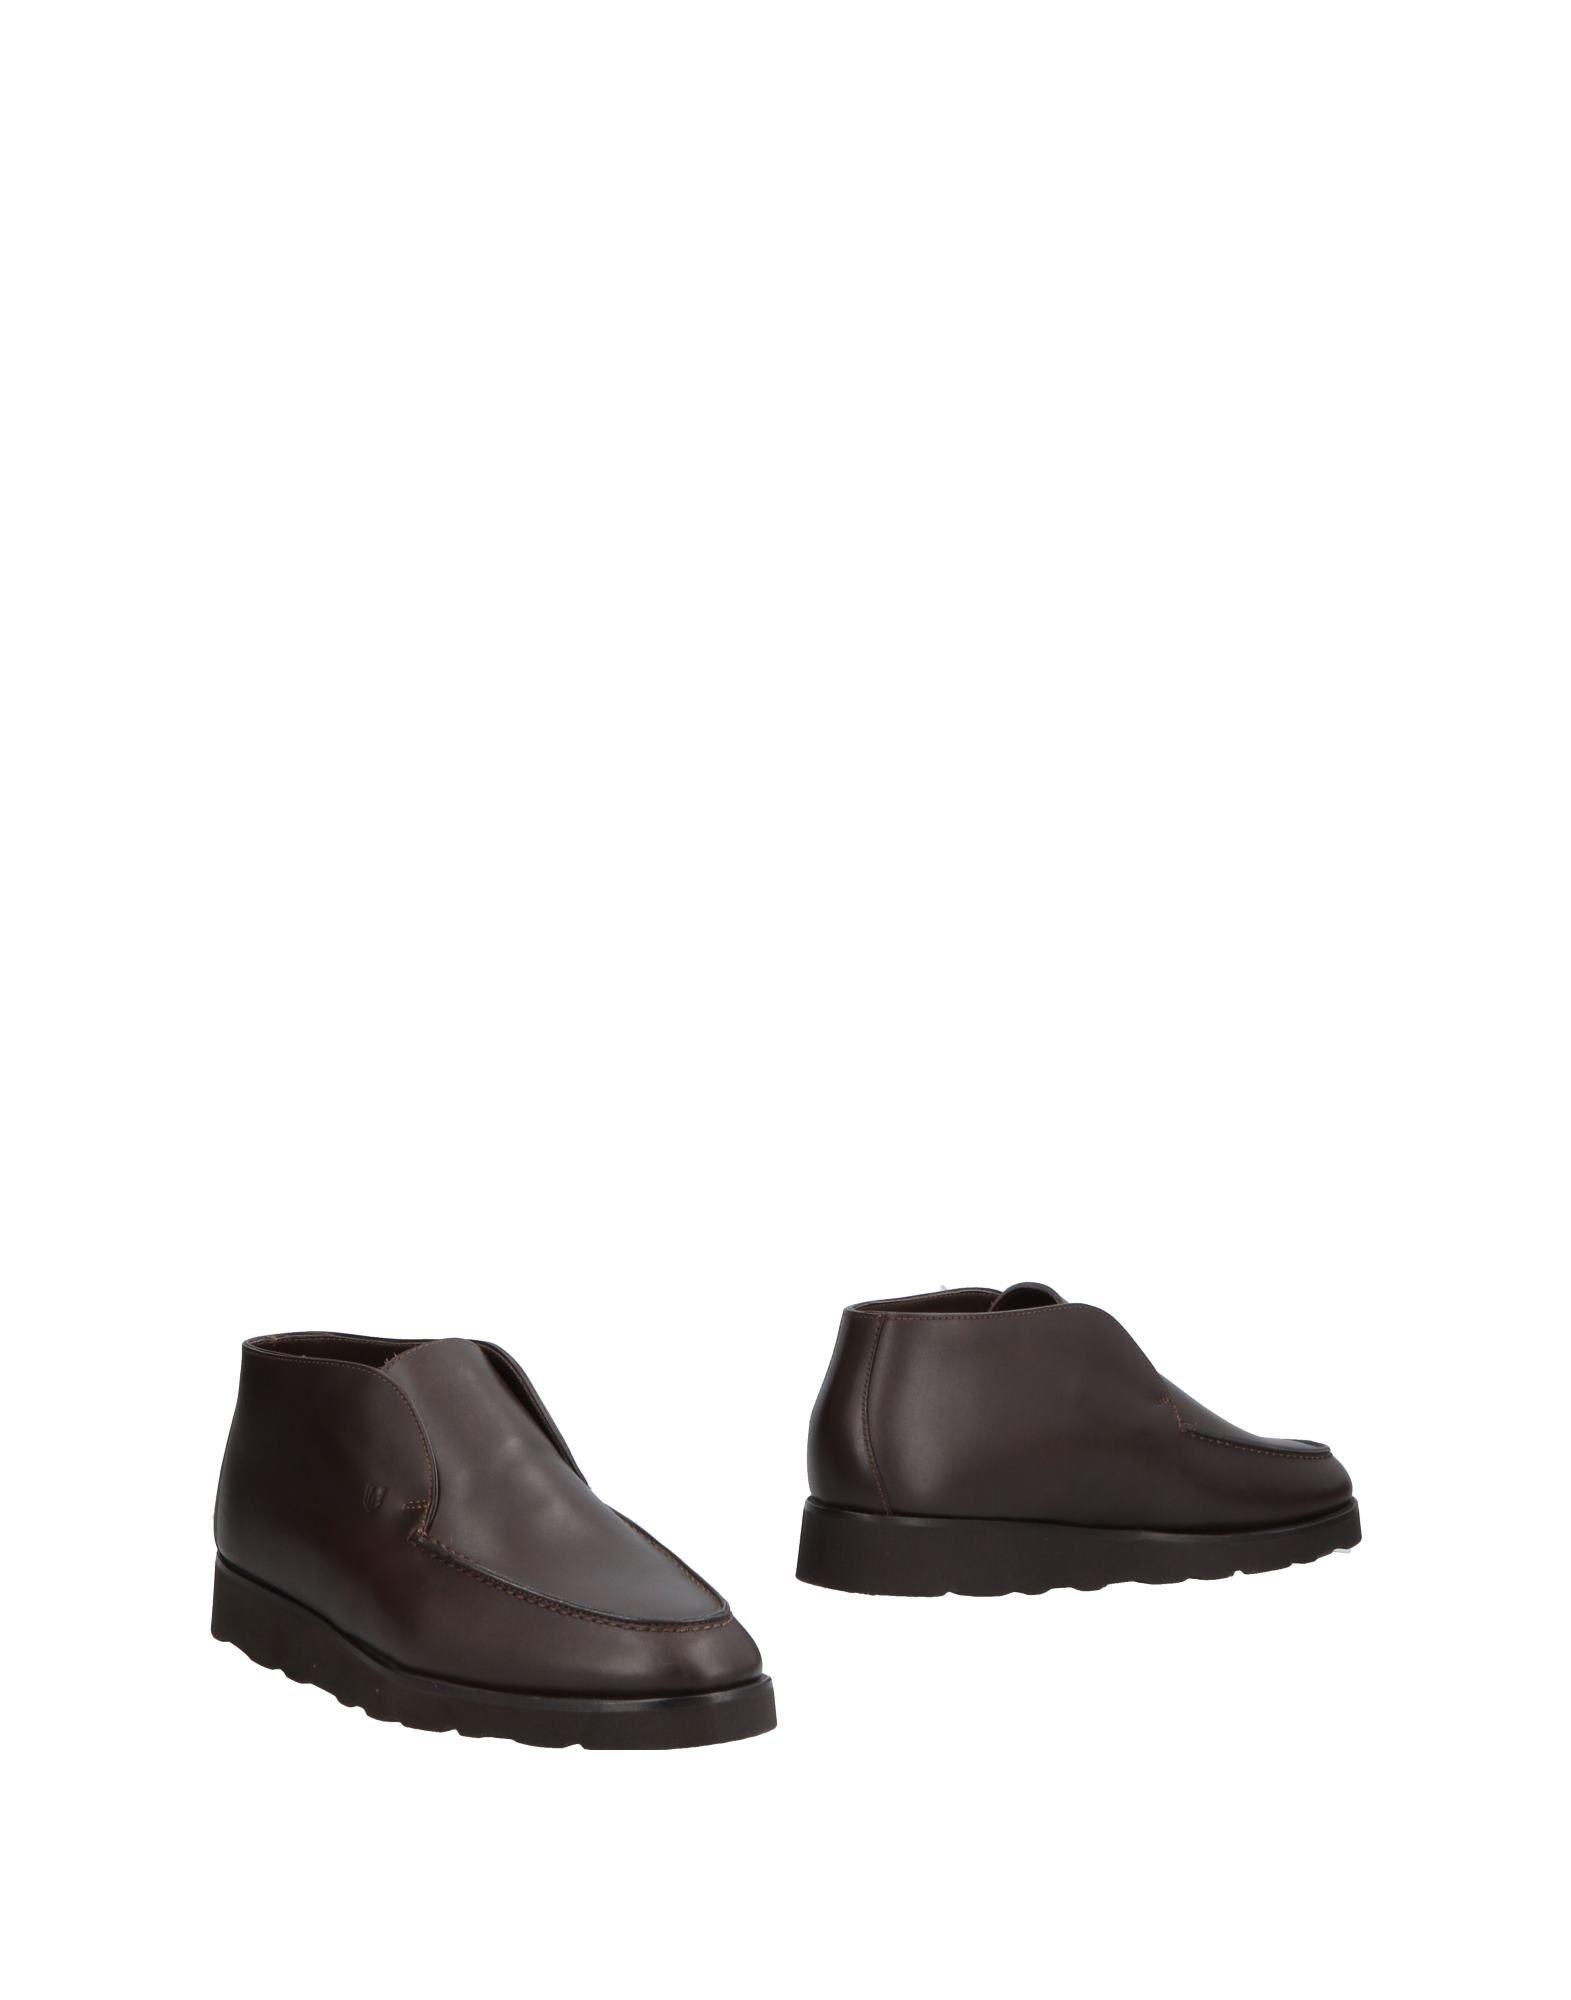 Pellettieri Di  Parma Stiefelette Herren  11505431JL Gute Qualität beliebte Schuhe